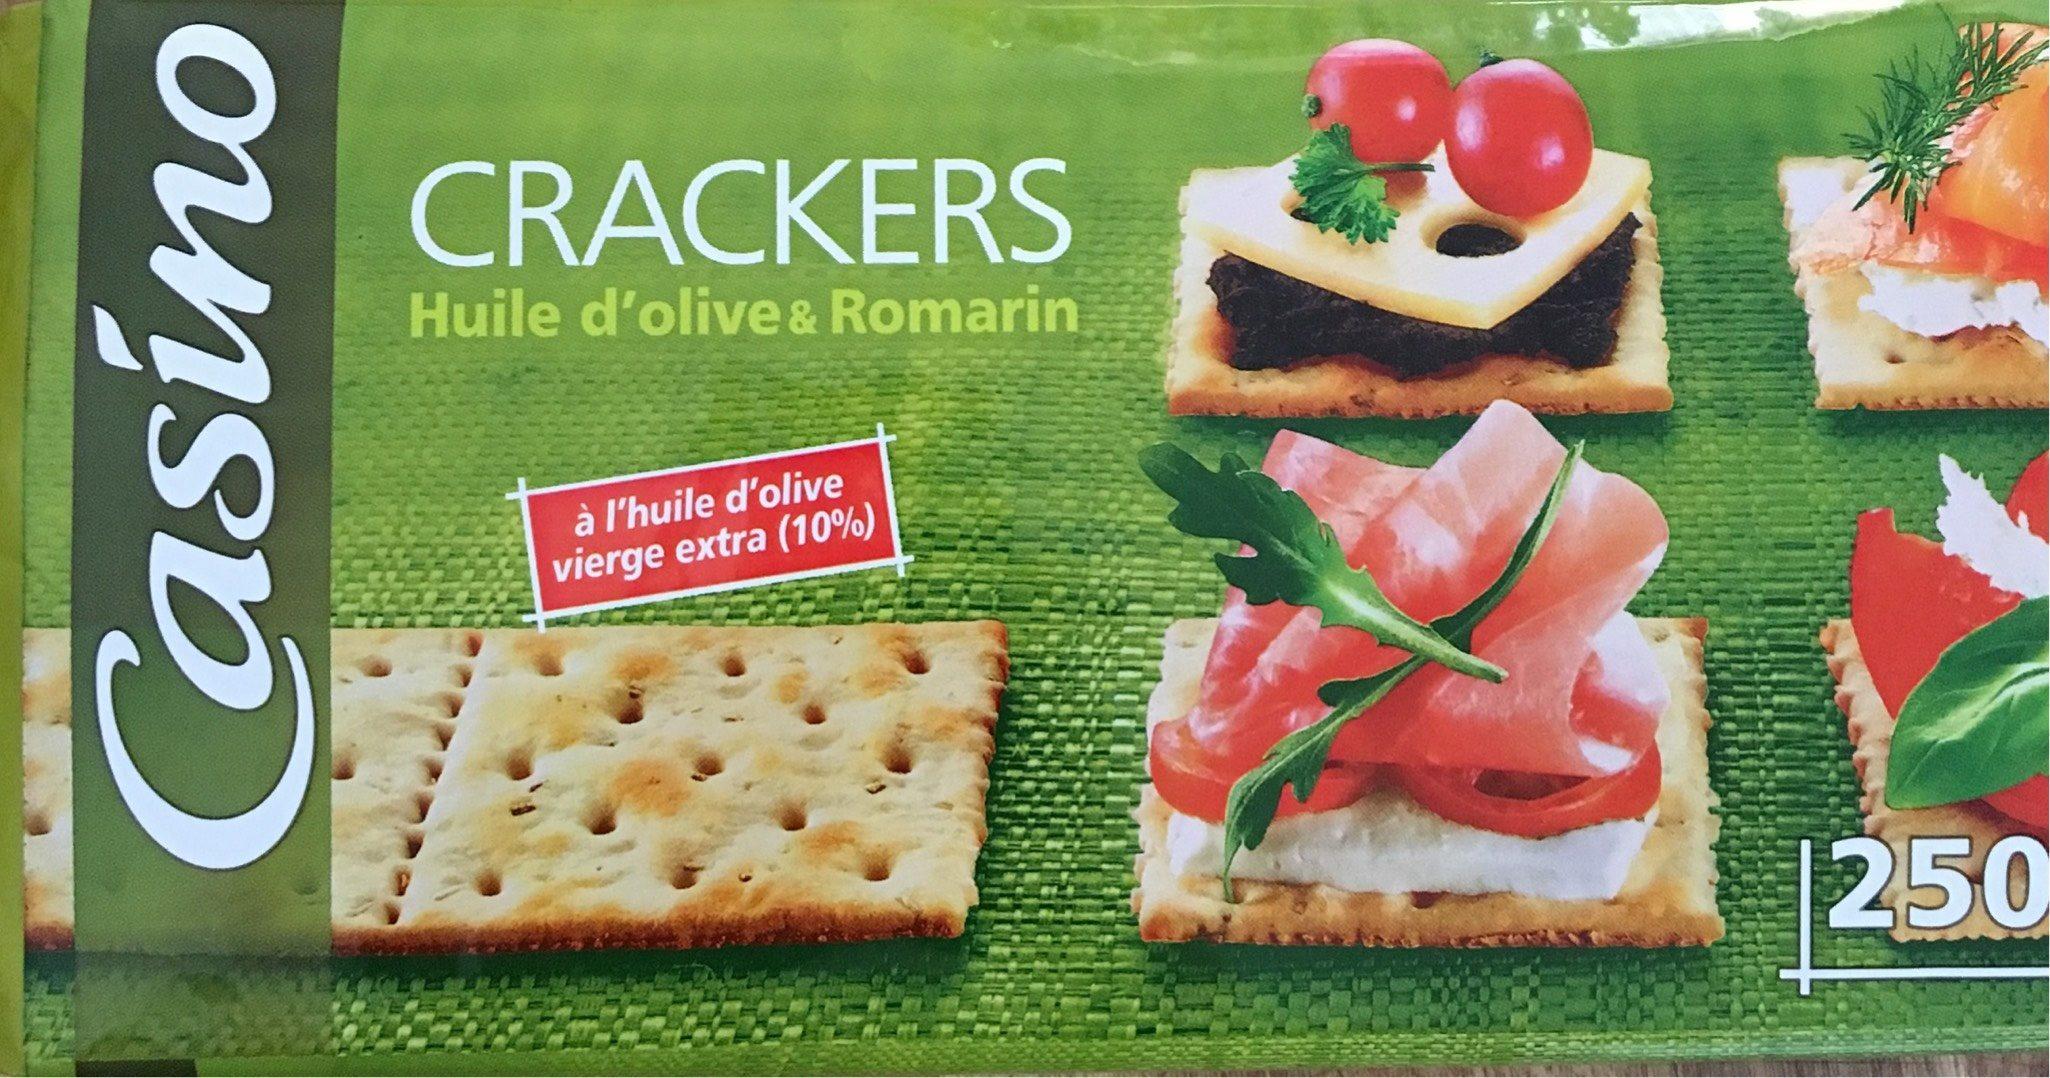 Crackers à l'huile d'olive vierge extra et au romarin - Product